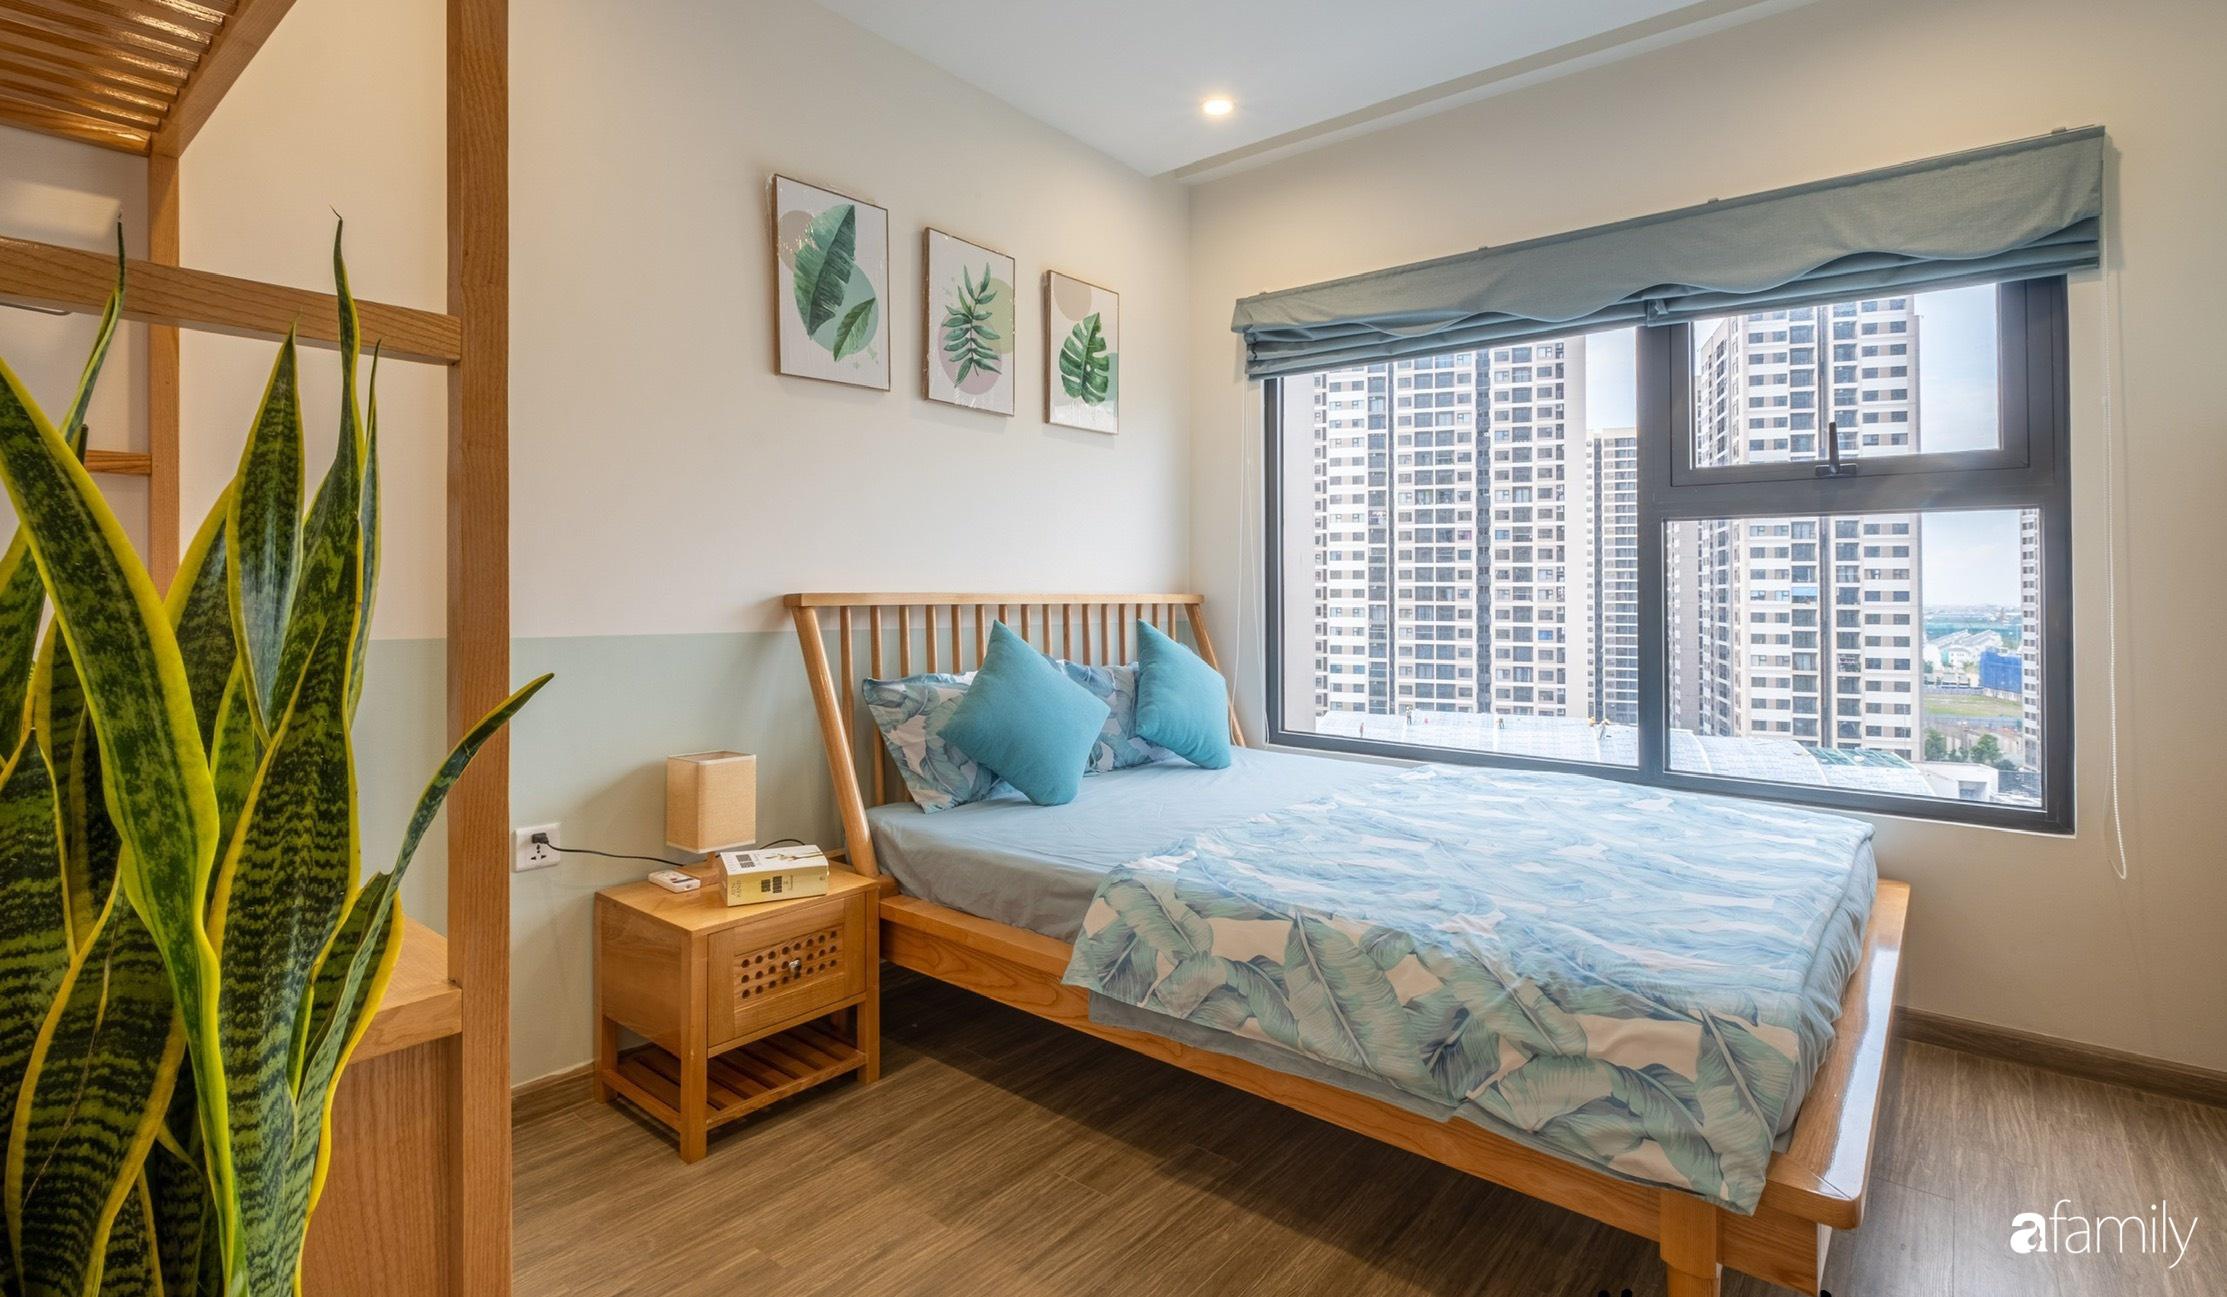 Căn hộ 40m² ở ngoại thành Hà Nội khiến ai ngắm nhìn cũng xuýt xoa vì đẹp có chi phí hoàn thiện 70 triệu đồng - Ảnh 18.